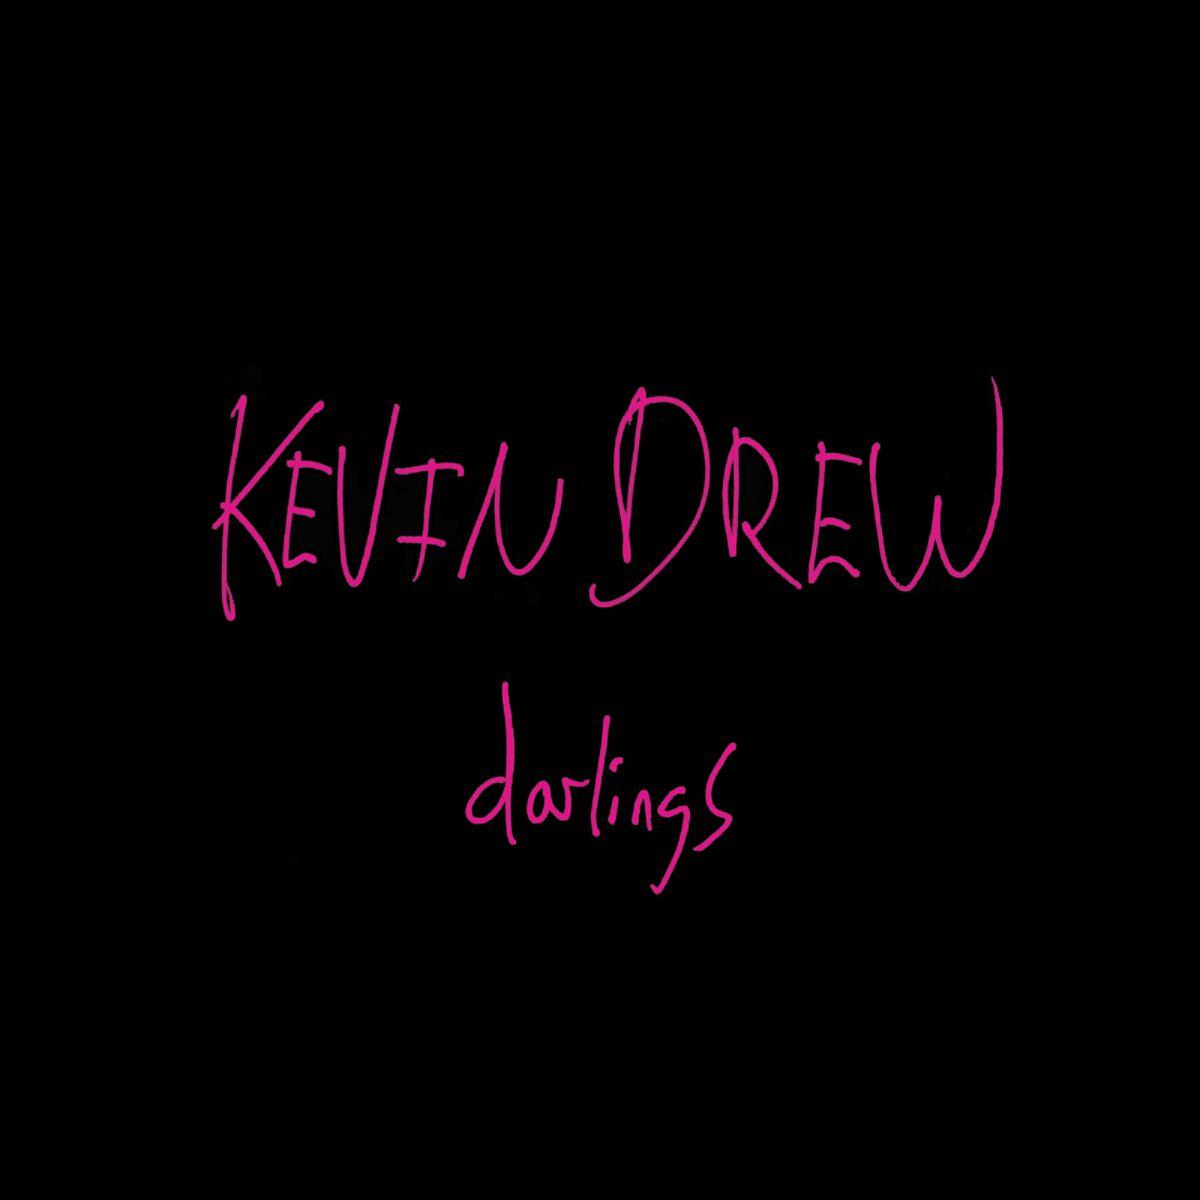 kevin drew - darlings